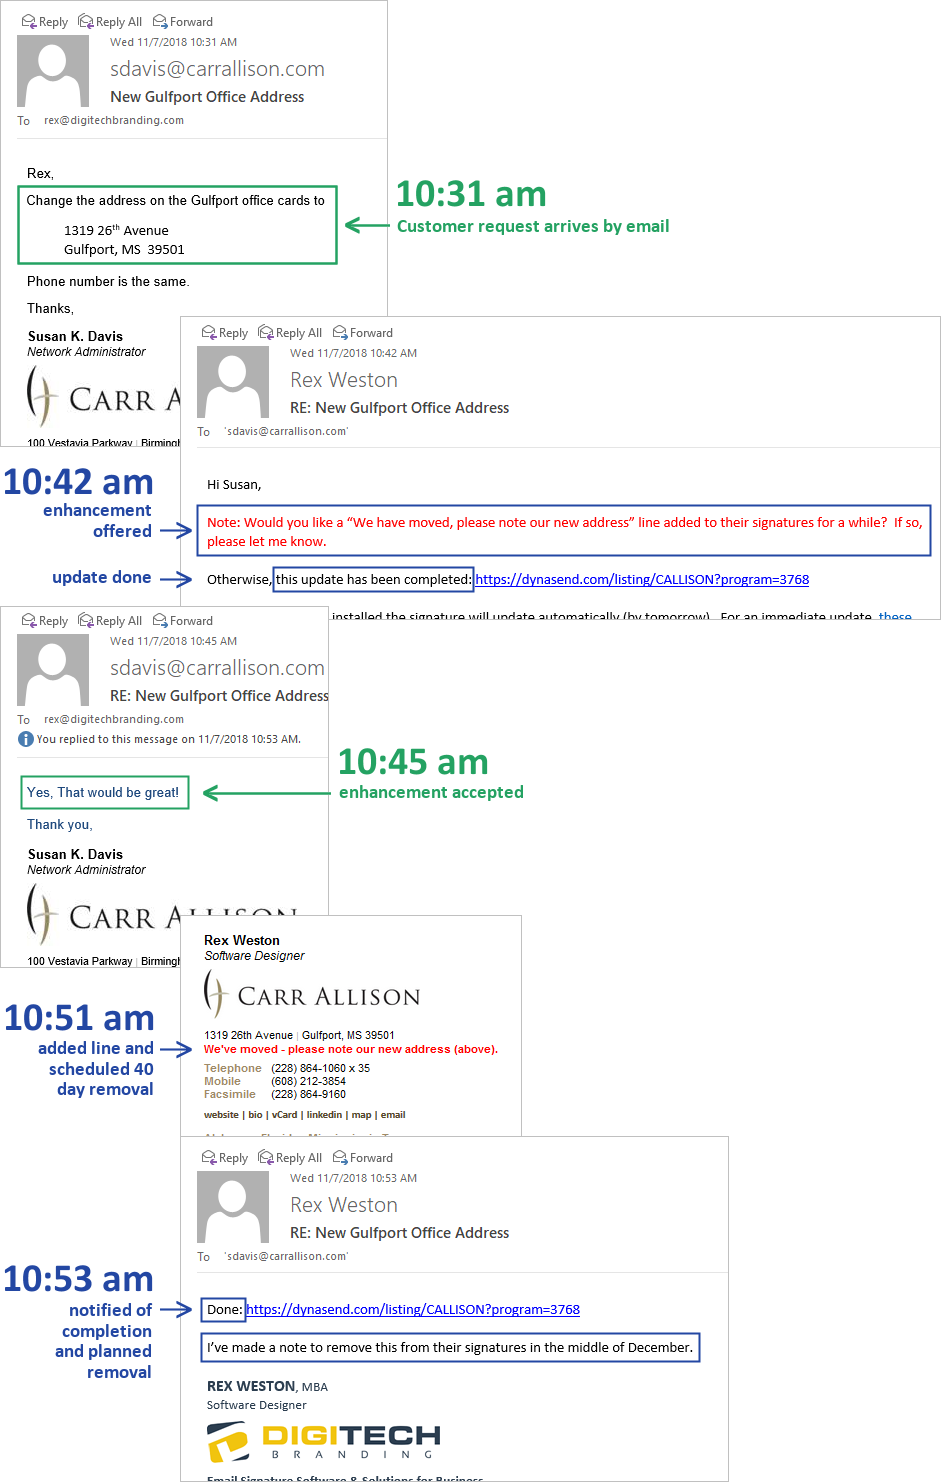 email signature update request